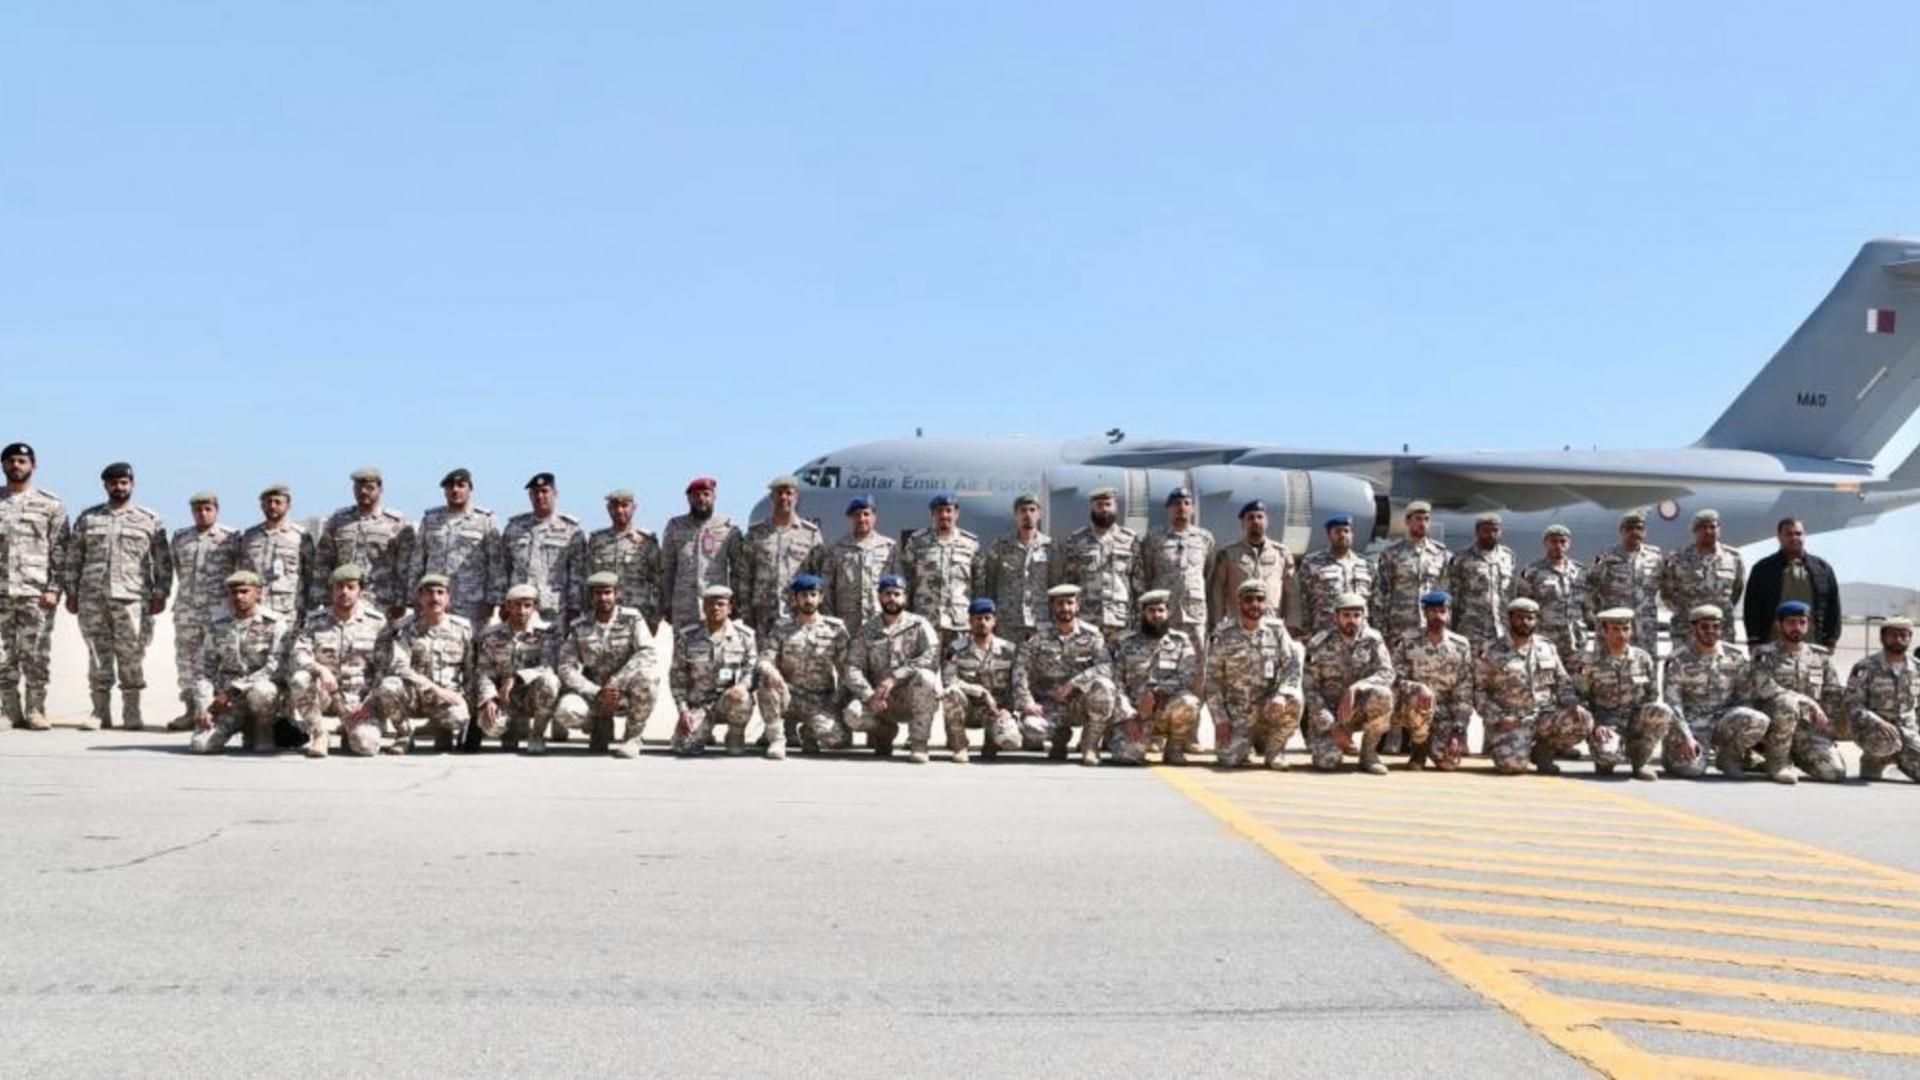 """رغم استمرار الأزمة.. قوات قطرية تصل للسعودية للمشاركة في """"درع الجزيرة"""""""